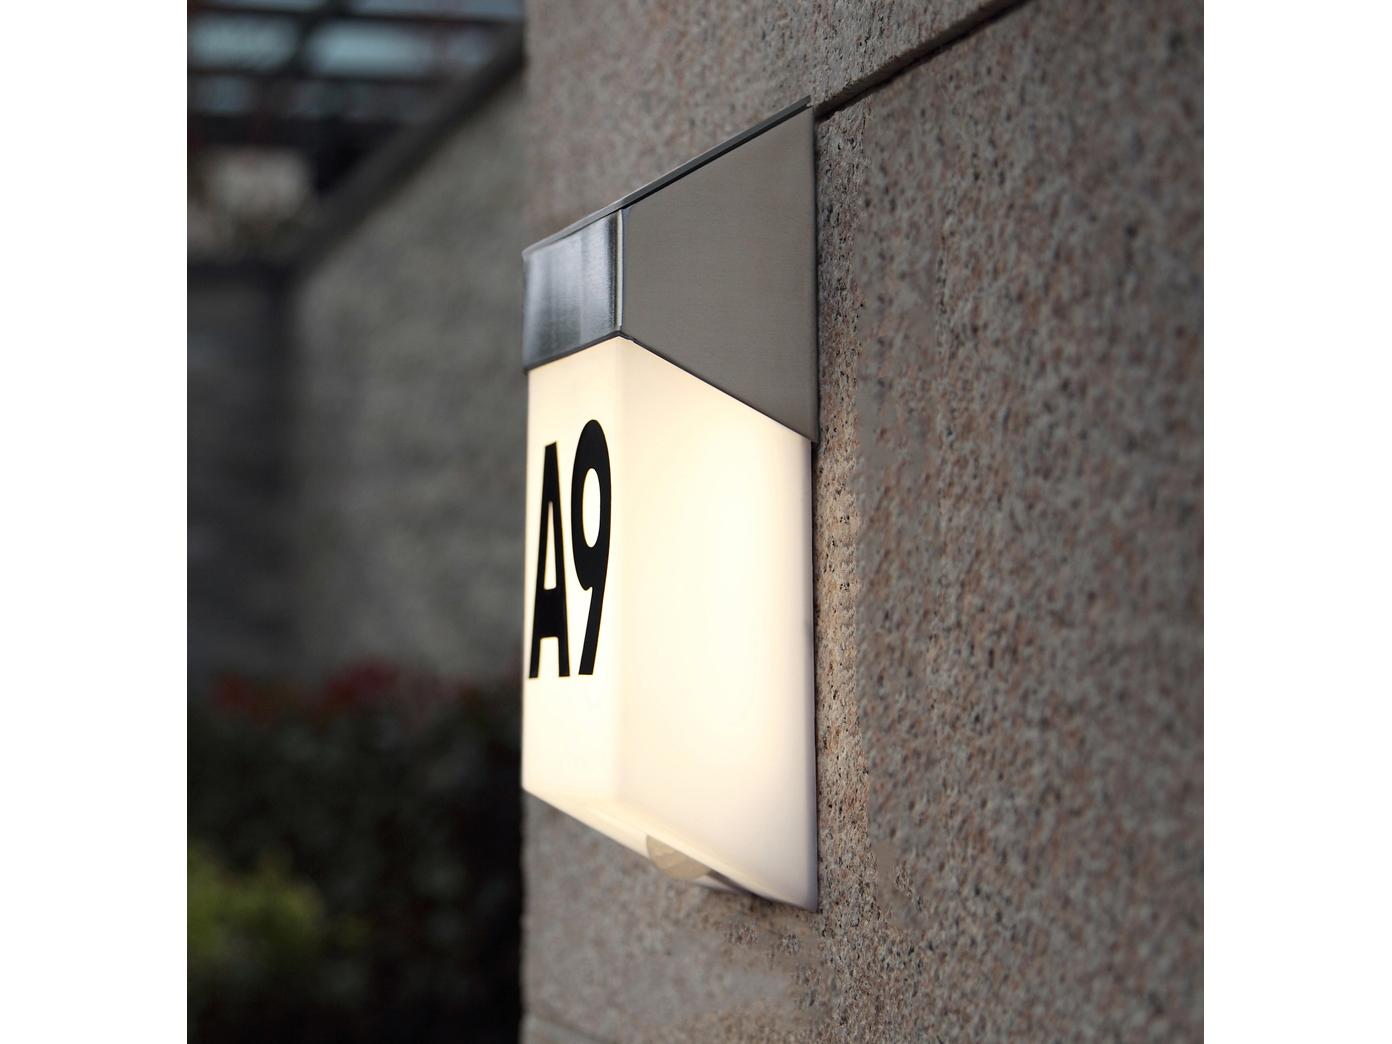 LED-Ausenwandleuchte-mit-Solar-Bewegungsmelder-Hausnummern-IP44-Wandleuchten